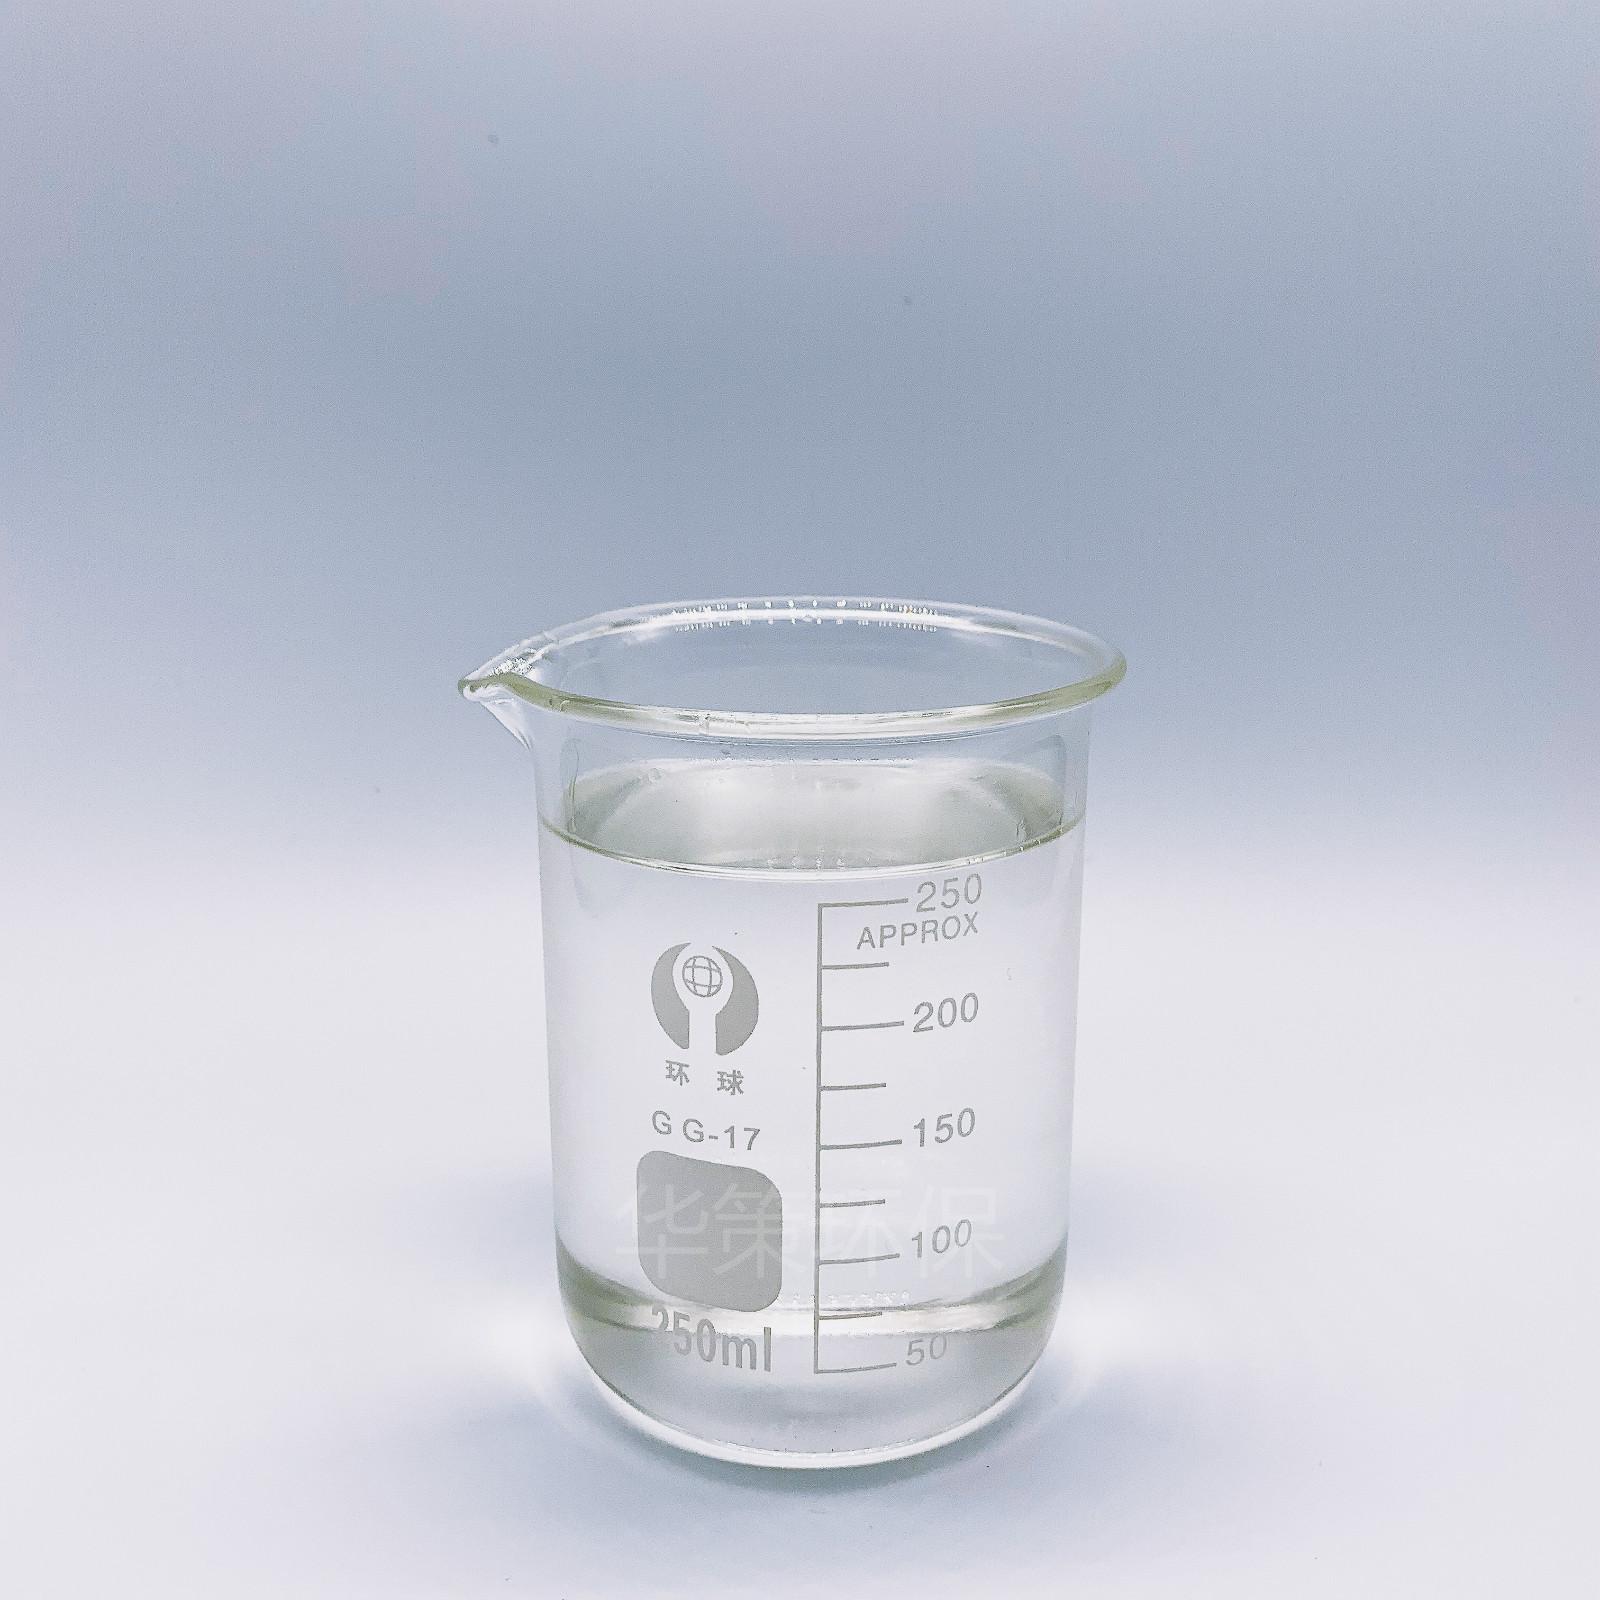 软化增塑剂是什么及作用